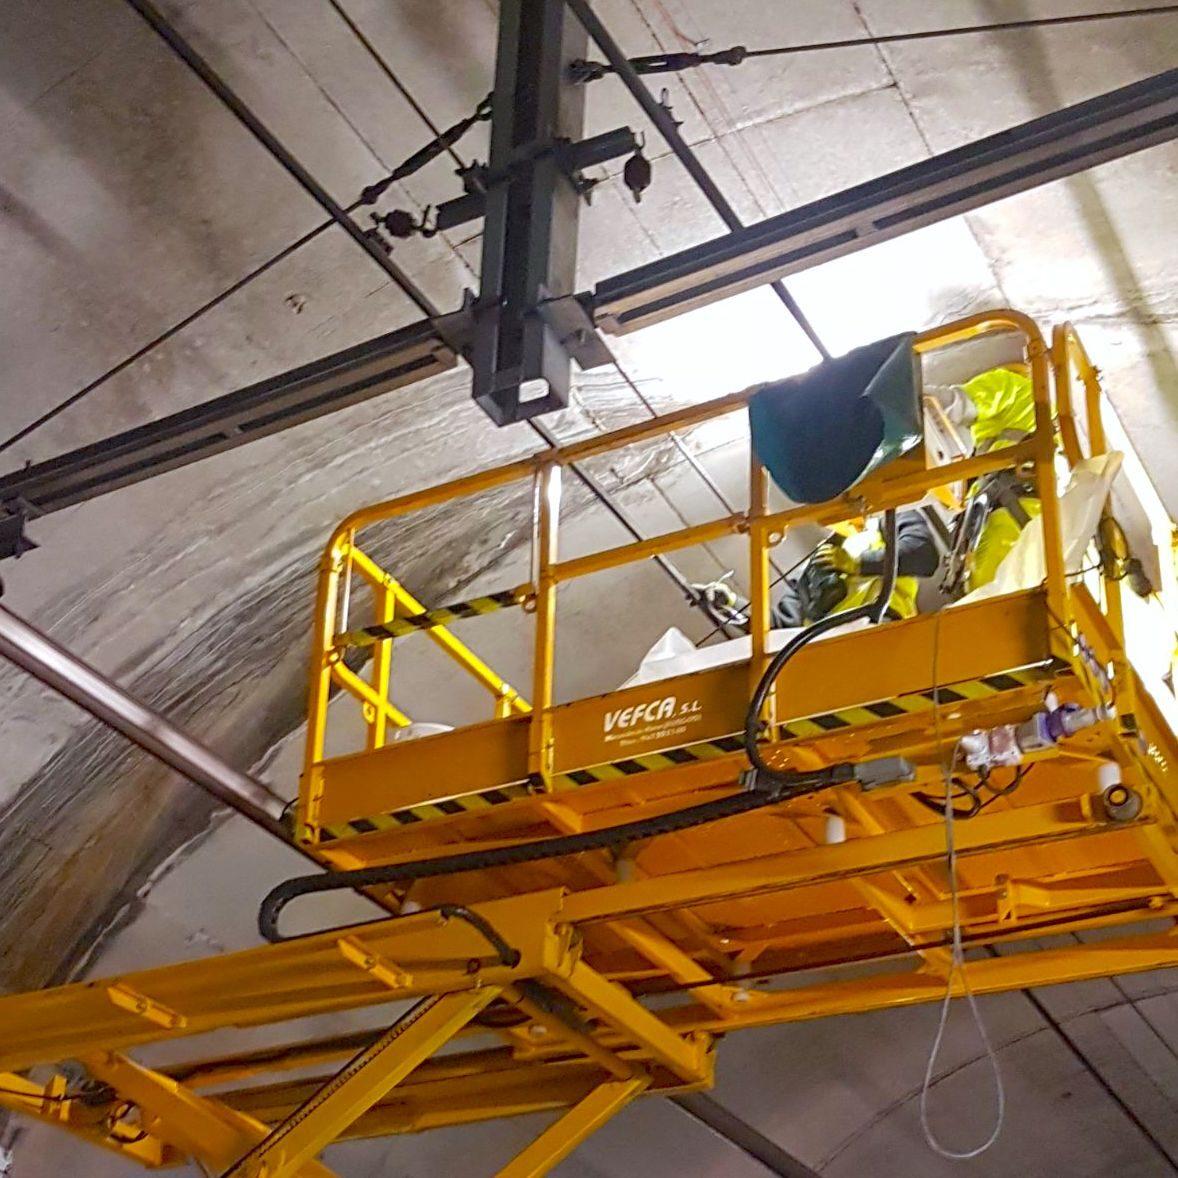 komsol tunnel beton boden decke innerseal versiegelung dauerhaft hochwertige silikate decke